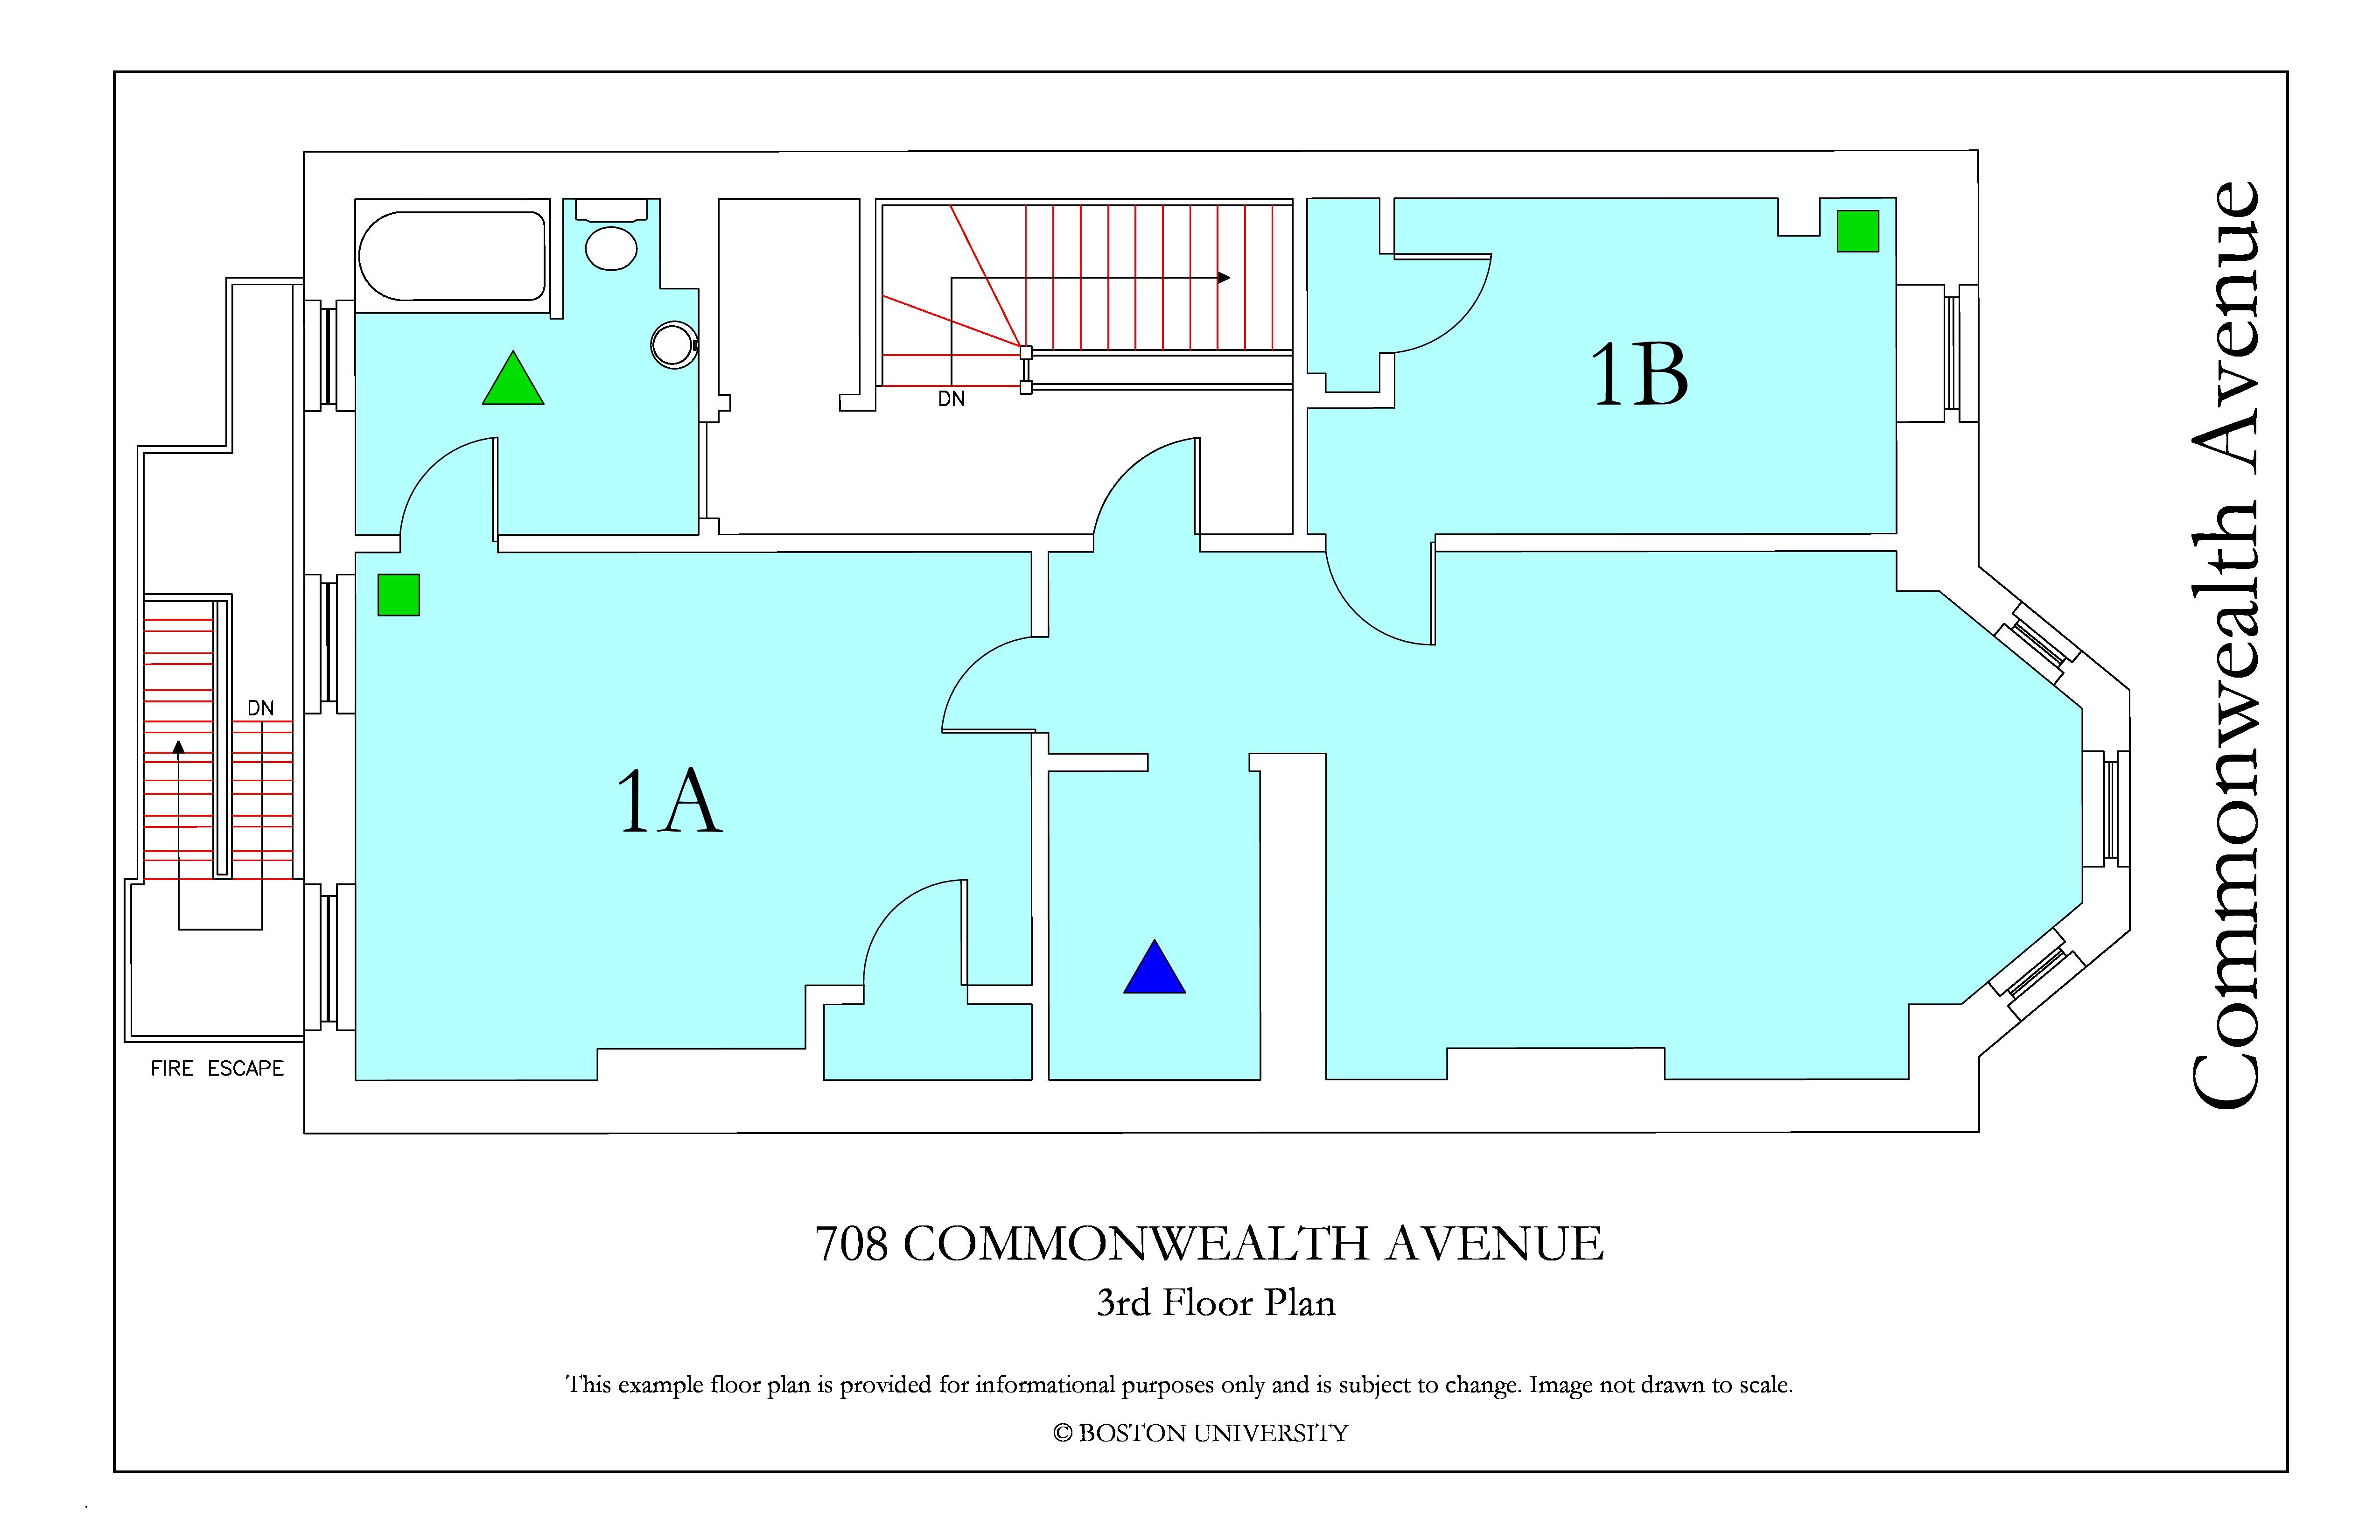 708 Commonwealth_3rdFloor